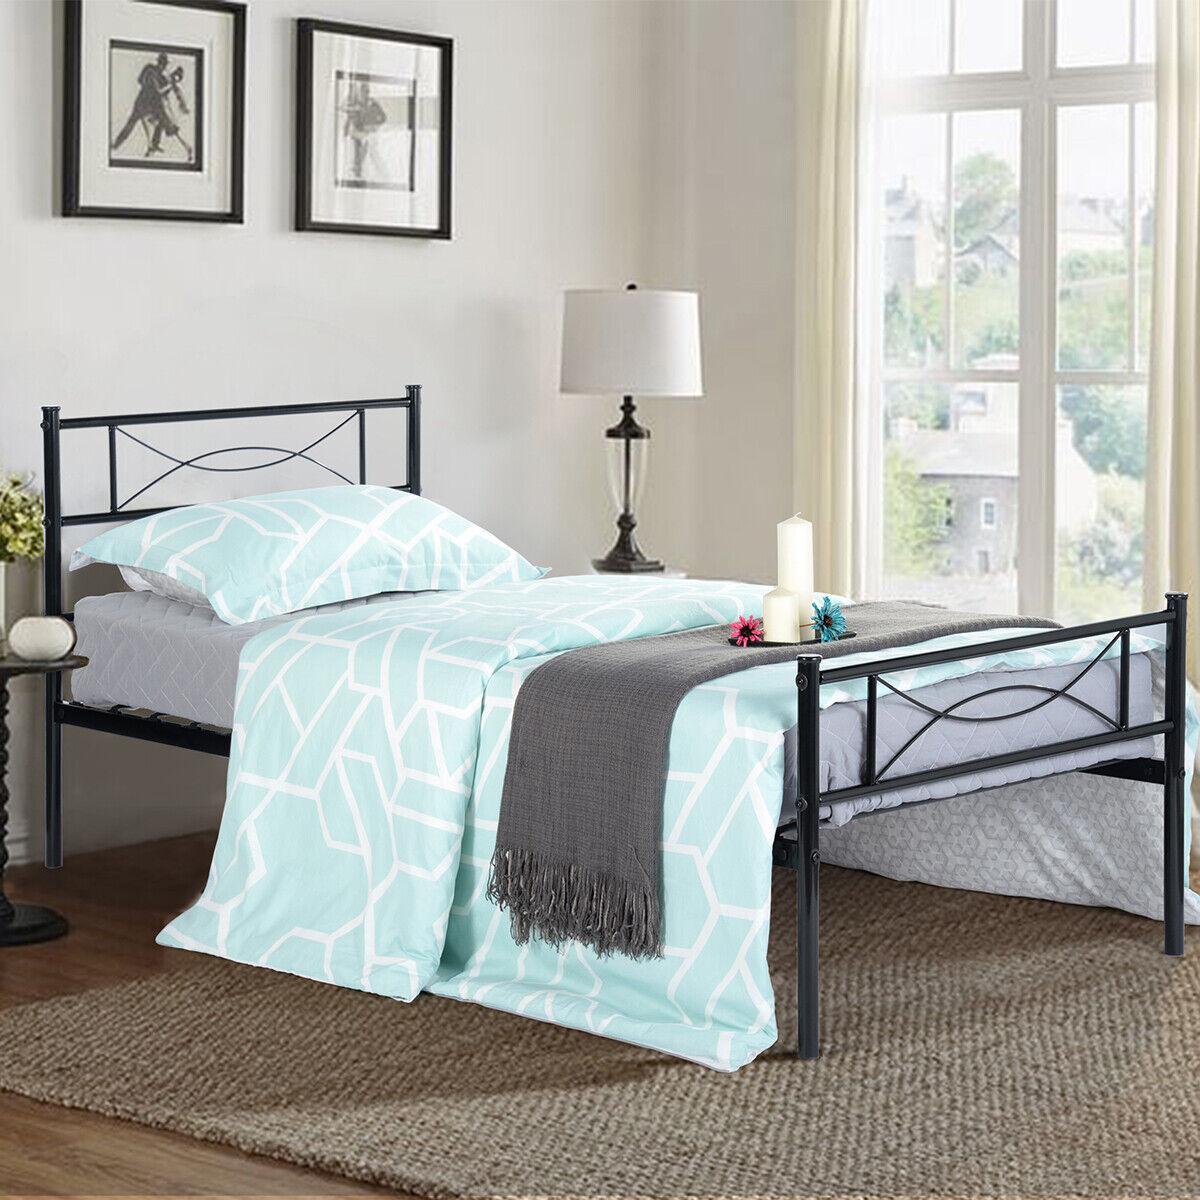 Twin Full Queen Size Metal Bed Frame Matte Steel W/ Headboar